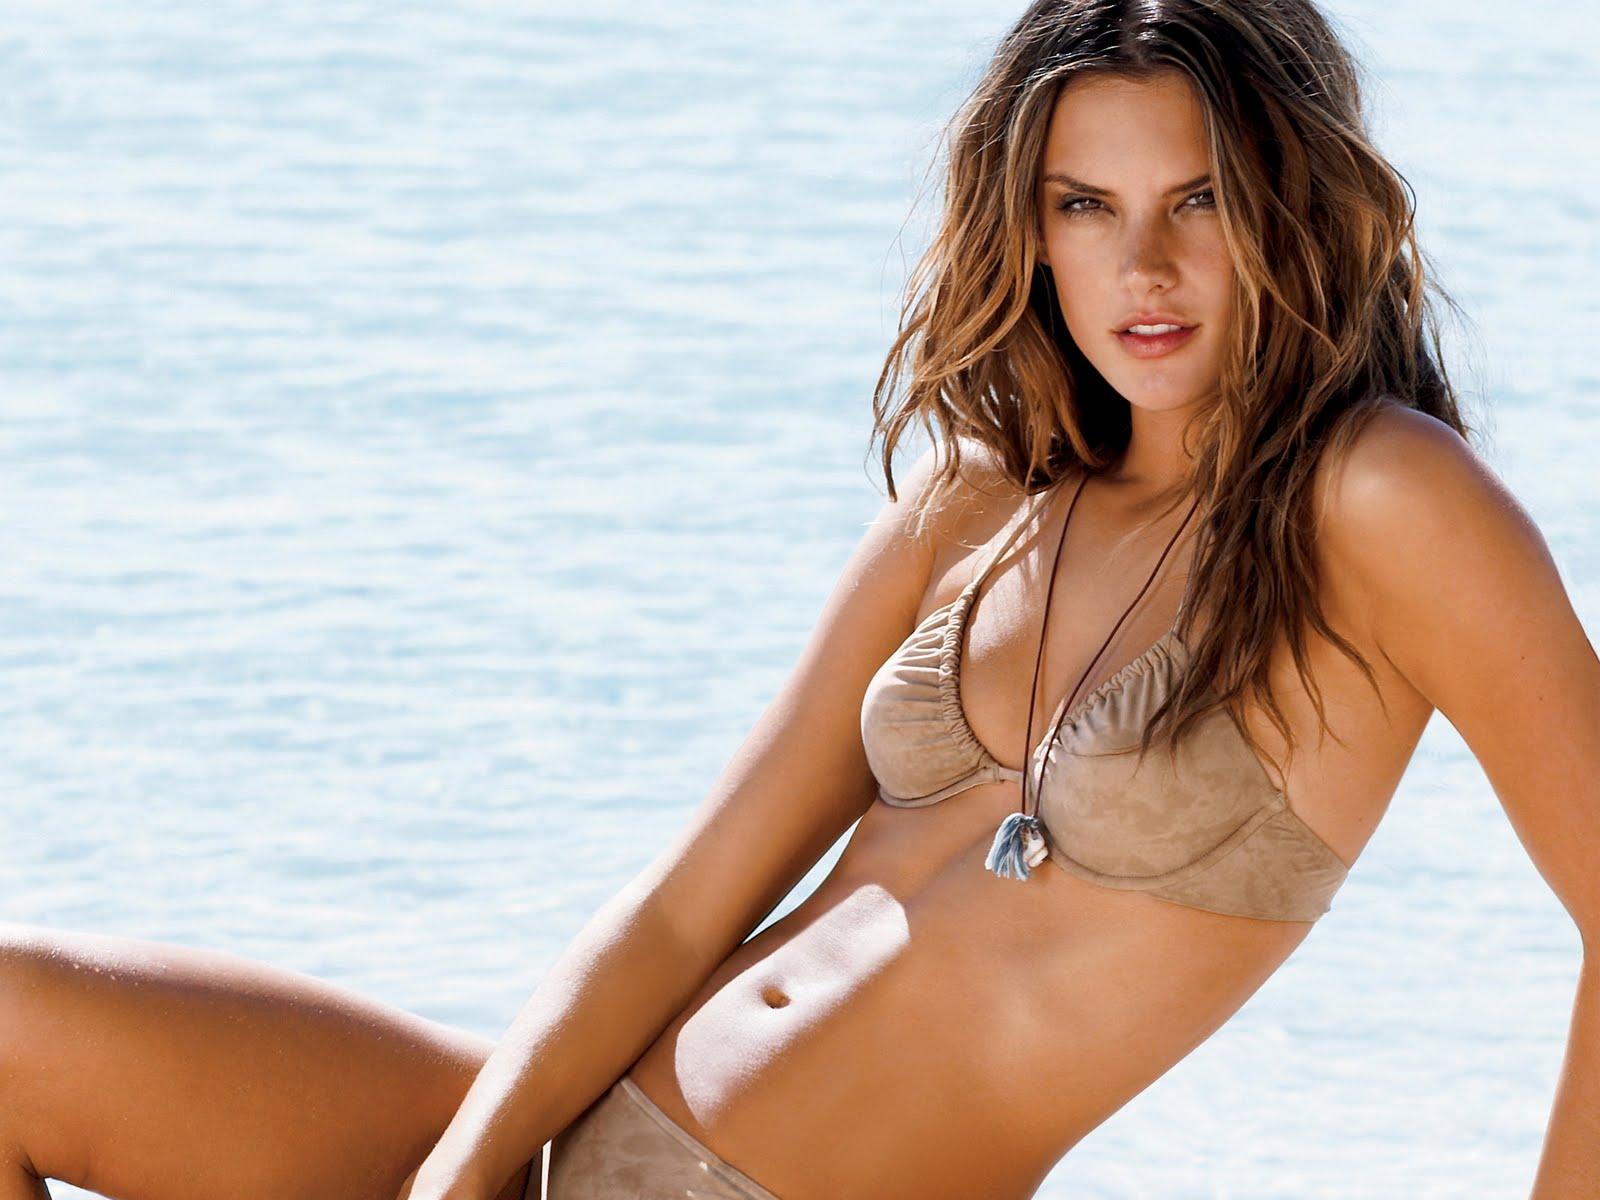 http://4.bp.blogspot.com/-CV5IQNAN1Lw/TpaqXddHZUI/AAAAAAAAAYM/e-pnVQ-on84/s1600/alessandra_ambrosio_bikini.jpg